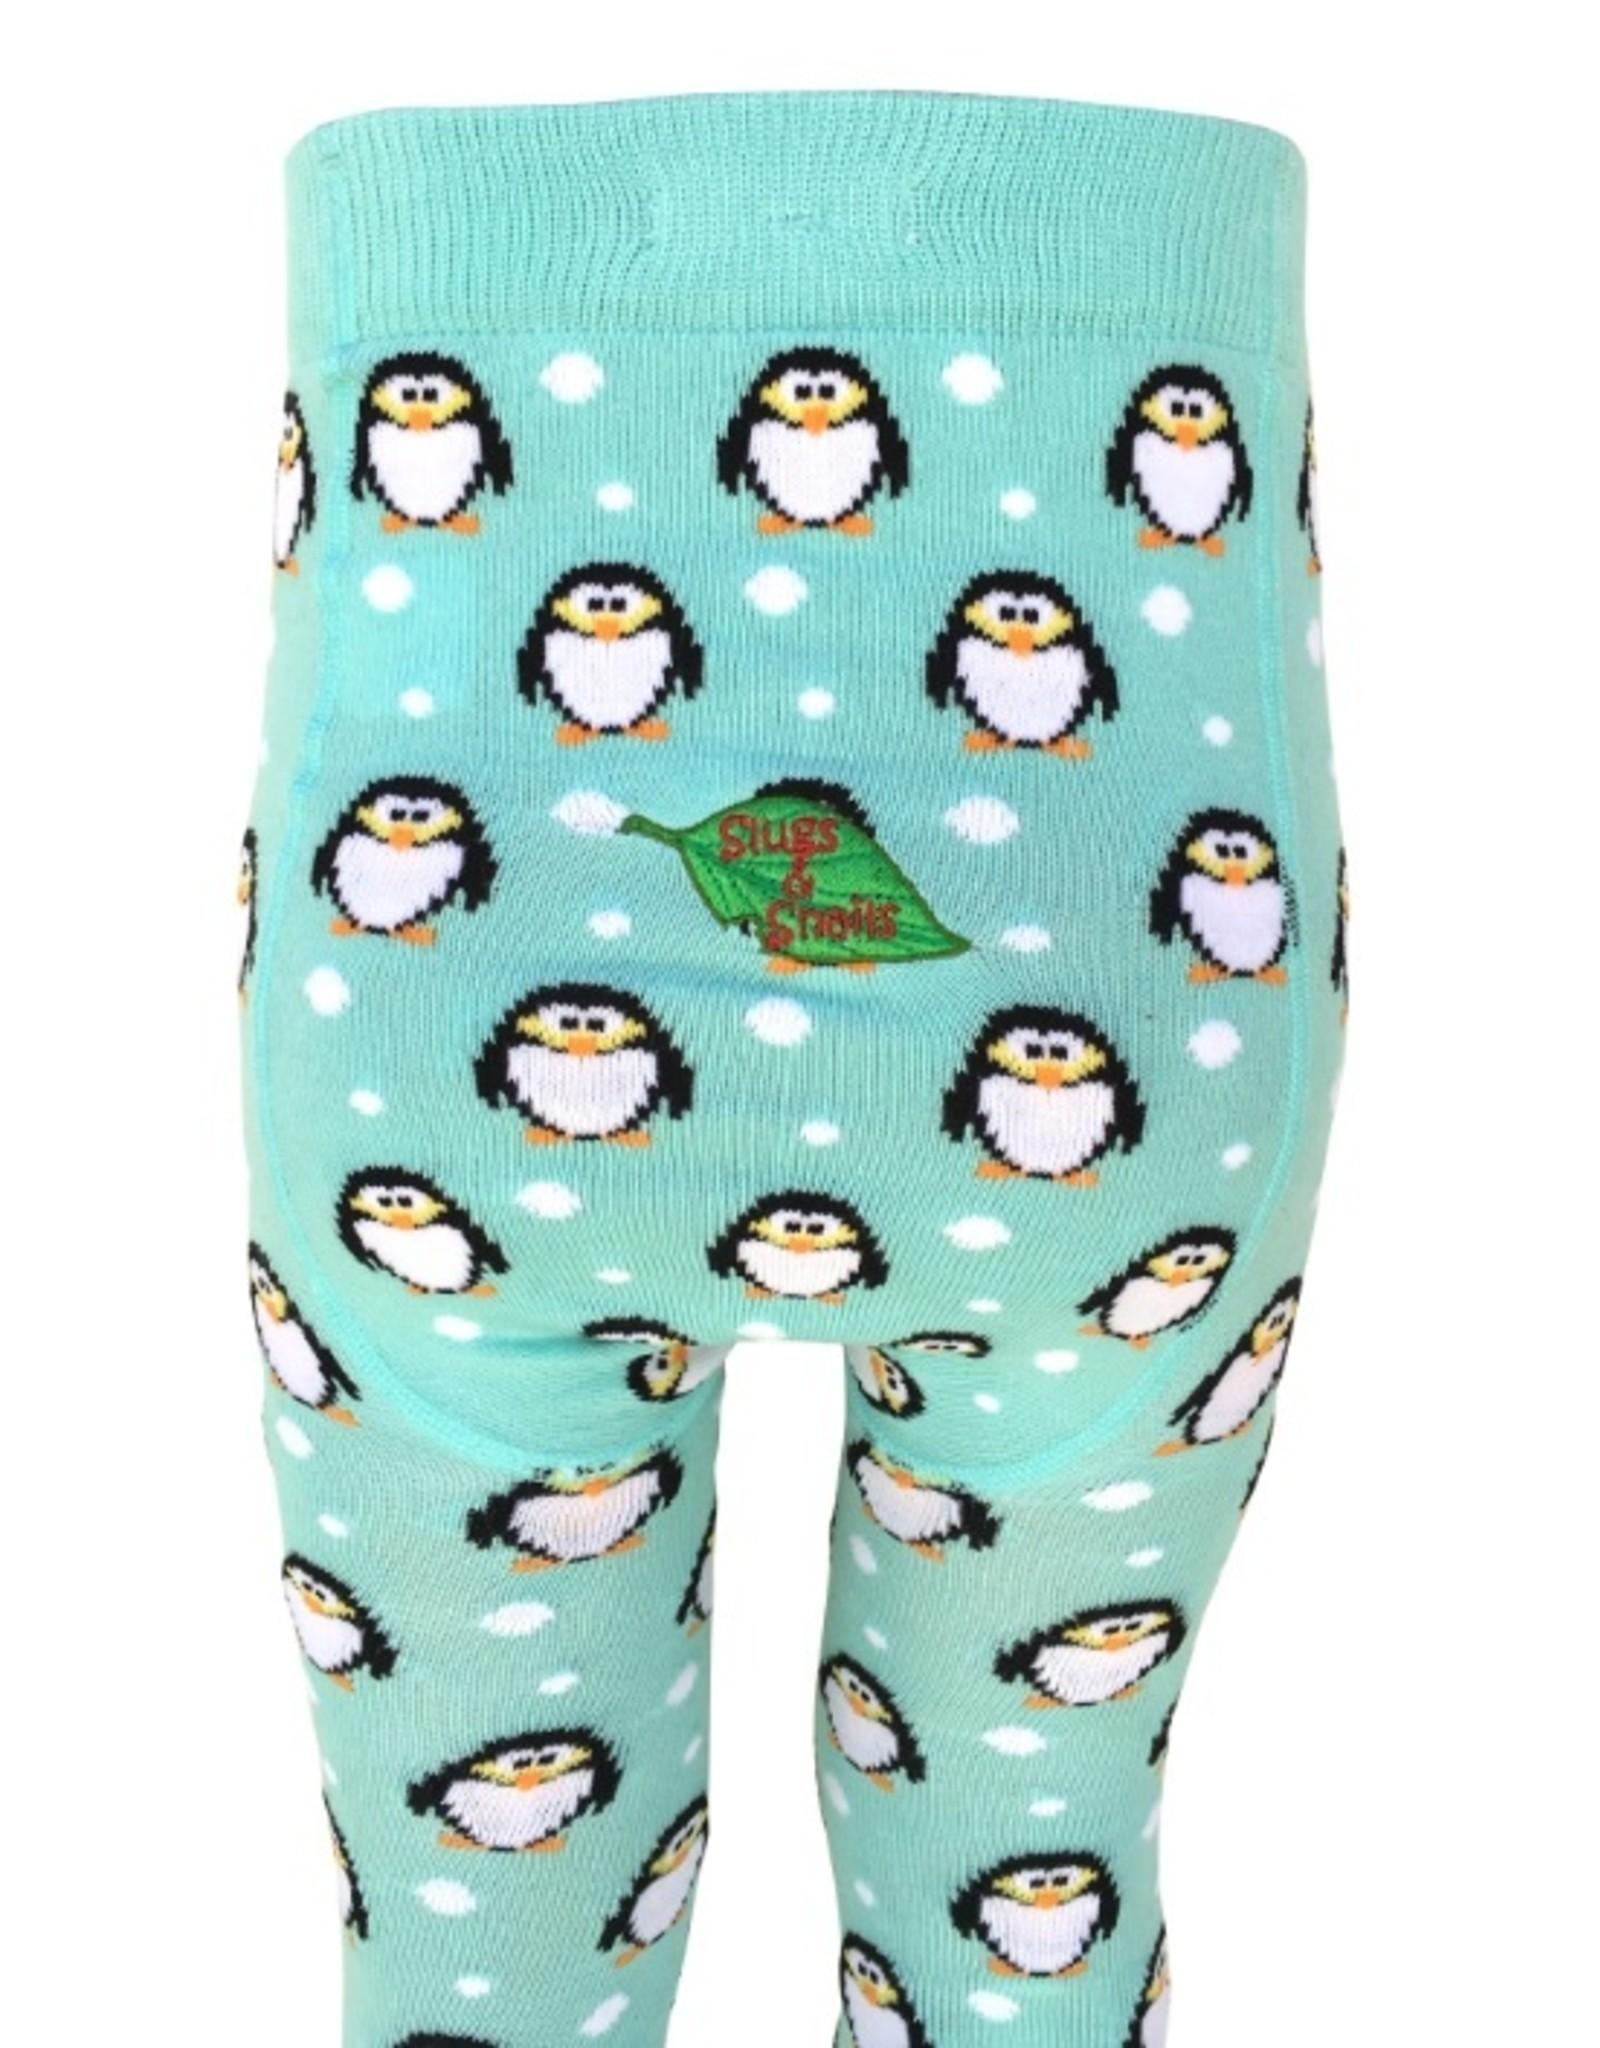 Slugs & Snails Children's maillots - Penguins